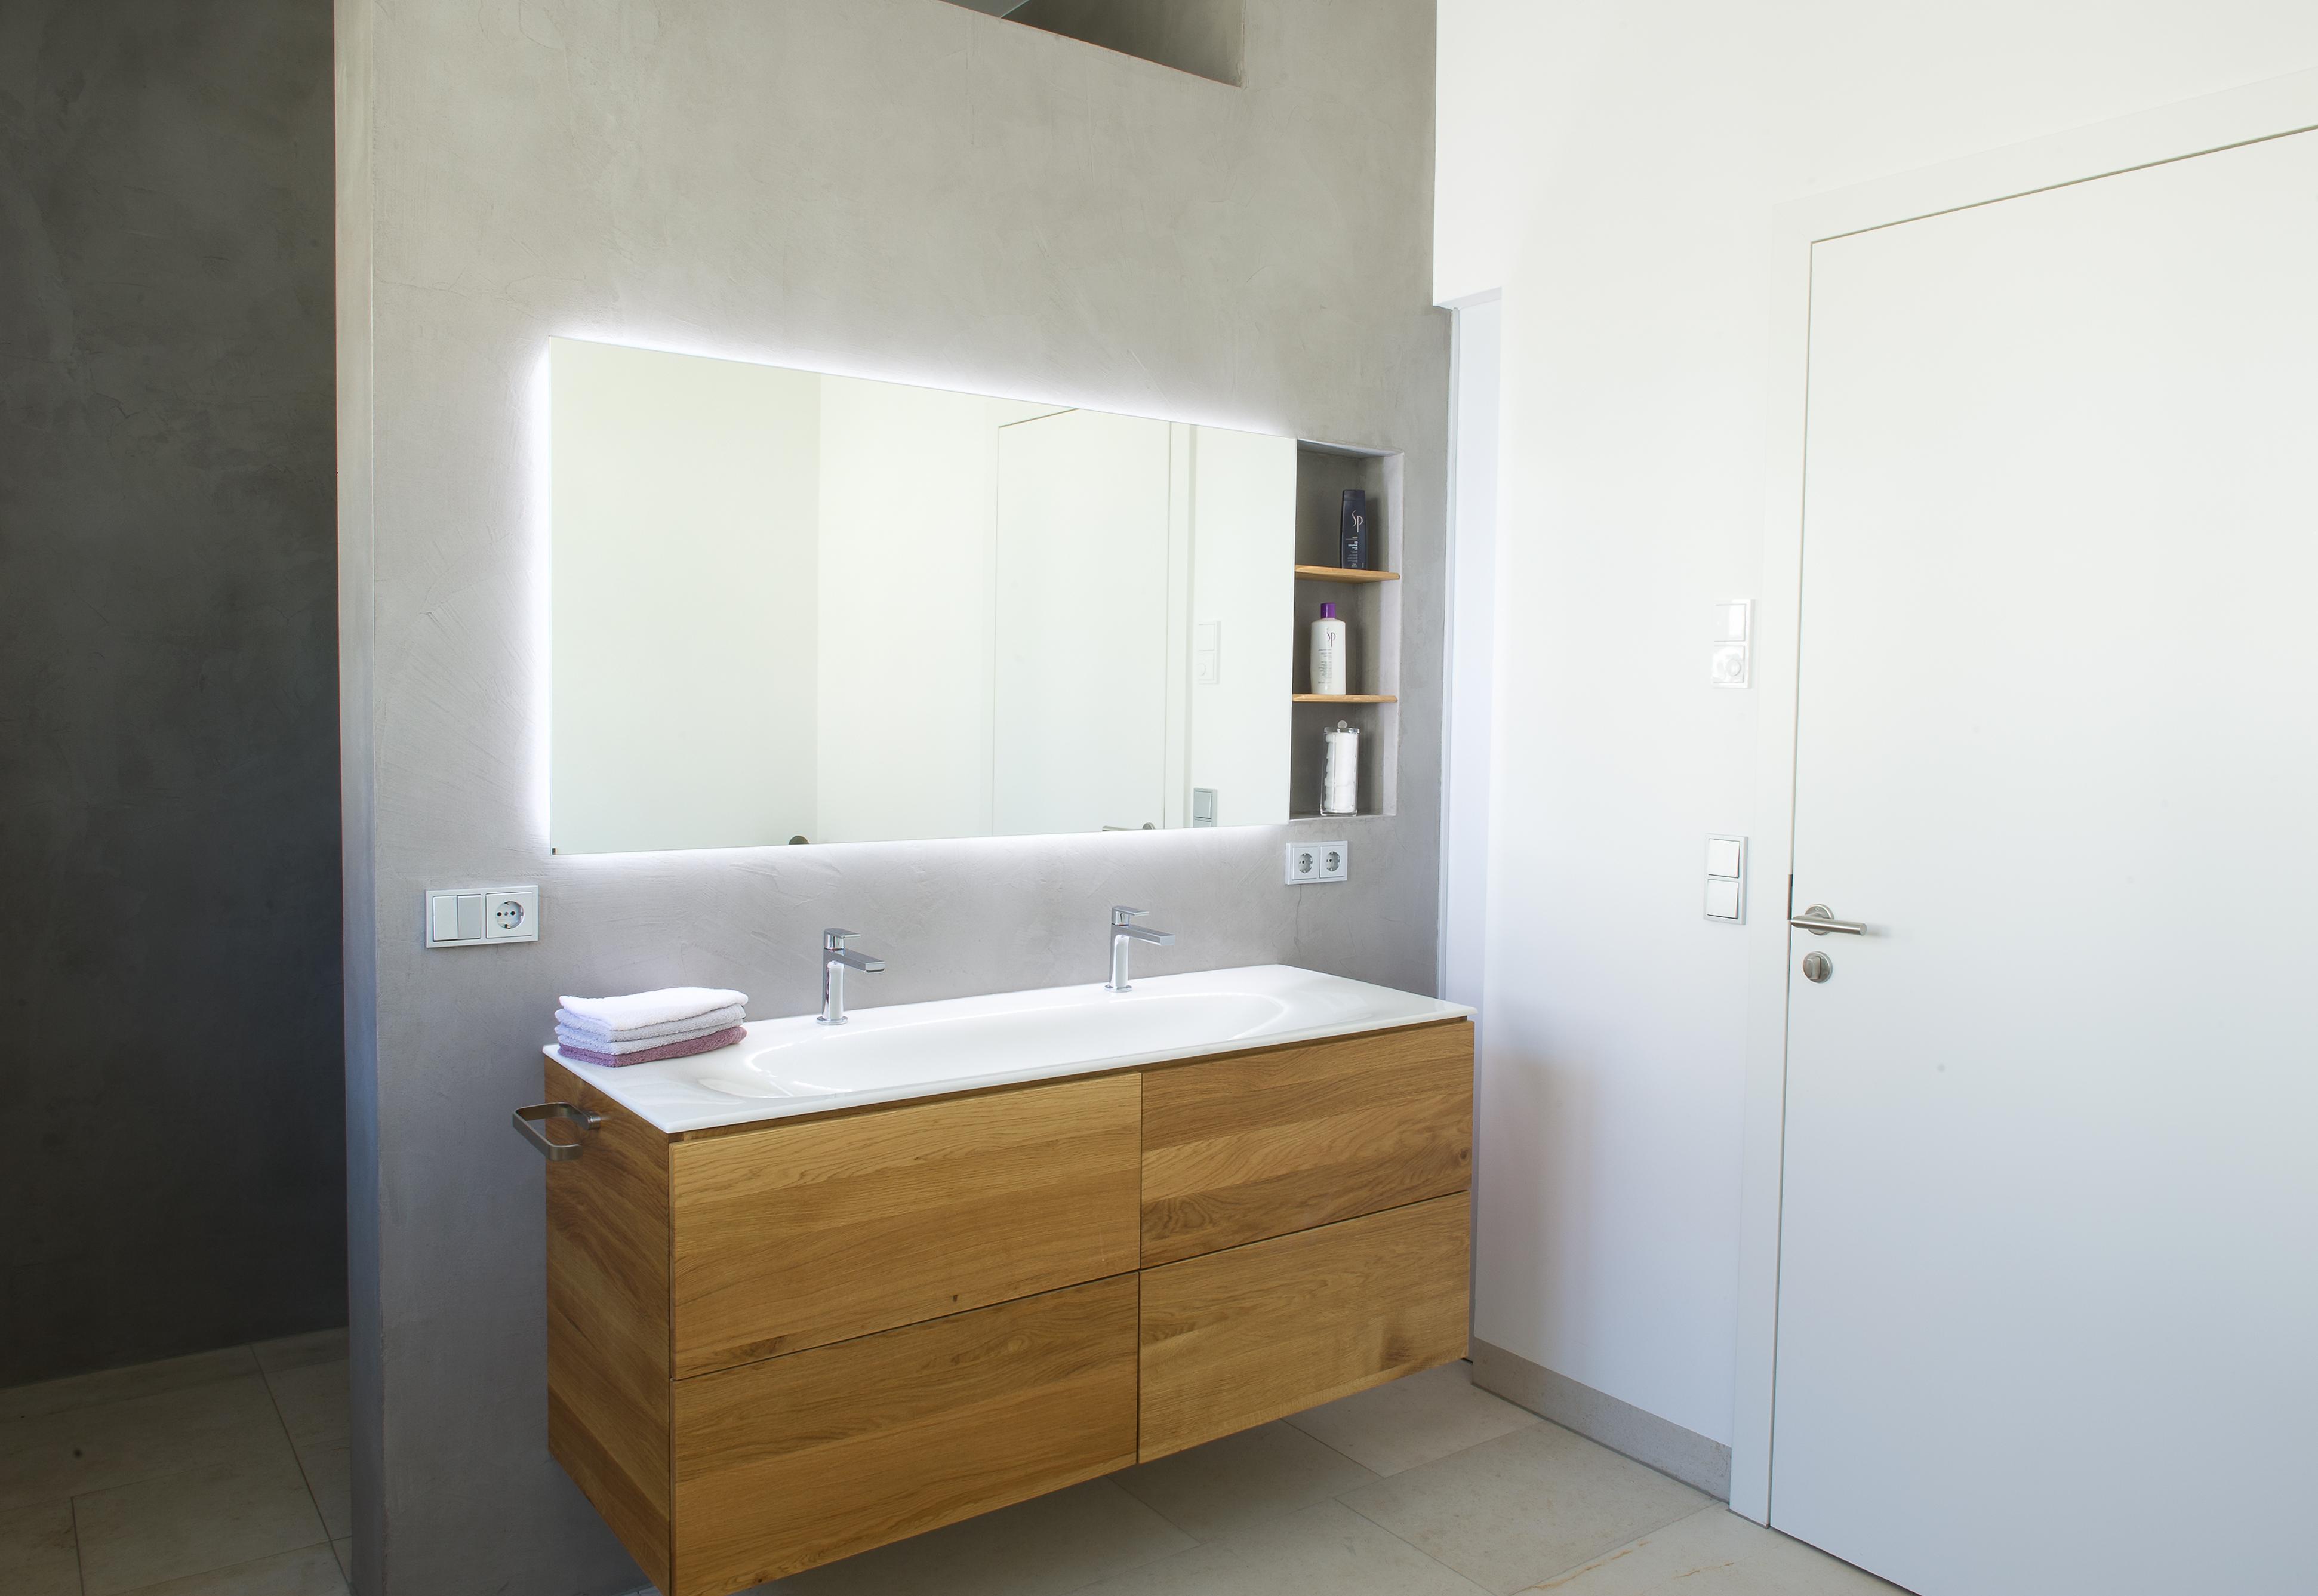 mainTisch mainBeton Badezimmer Dusche Beton Beton Cire fugenlos 10